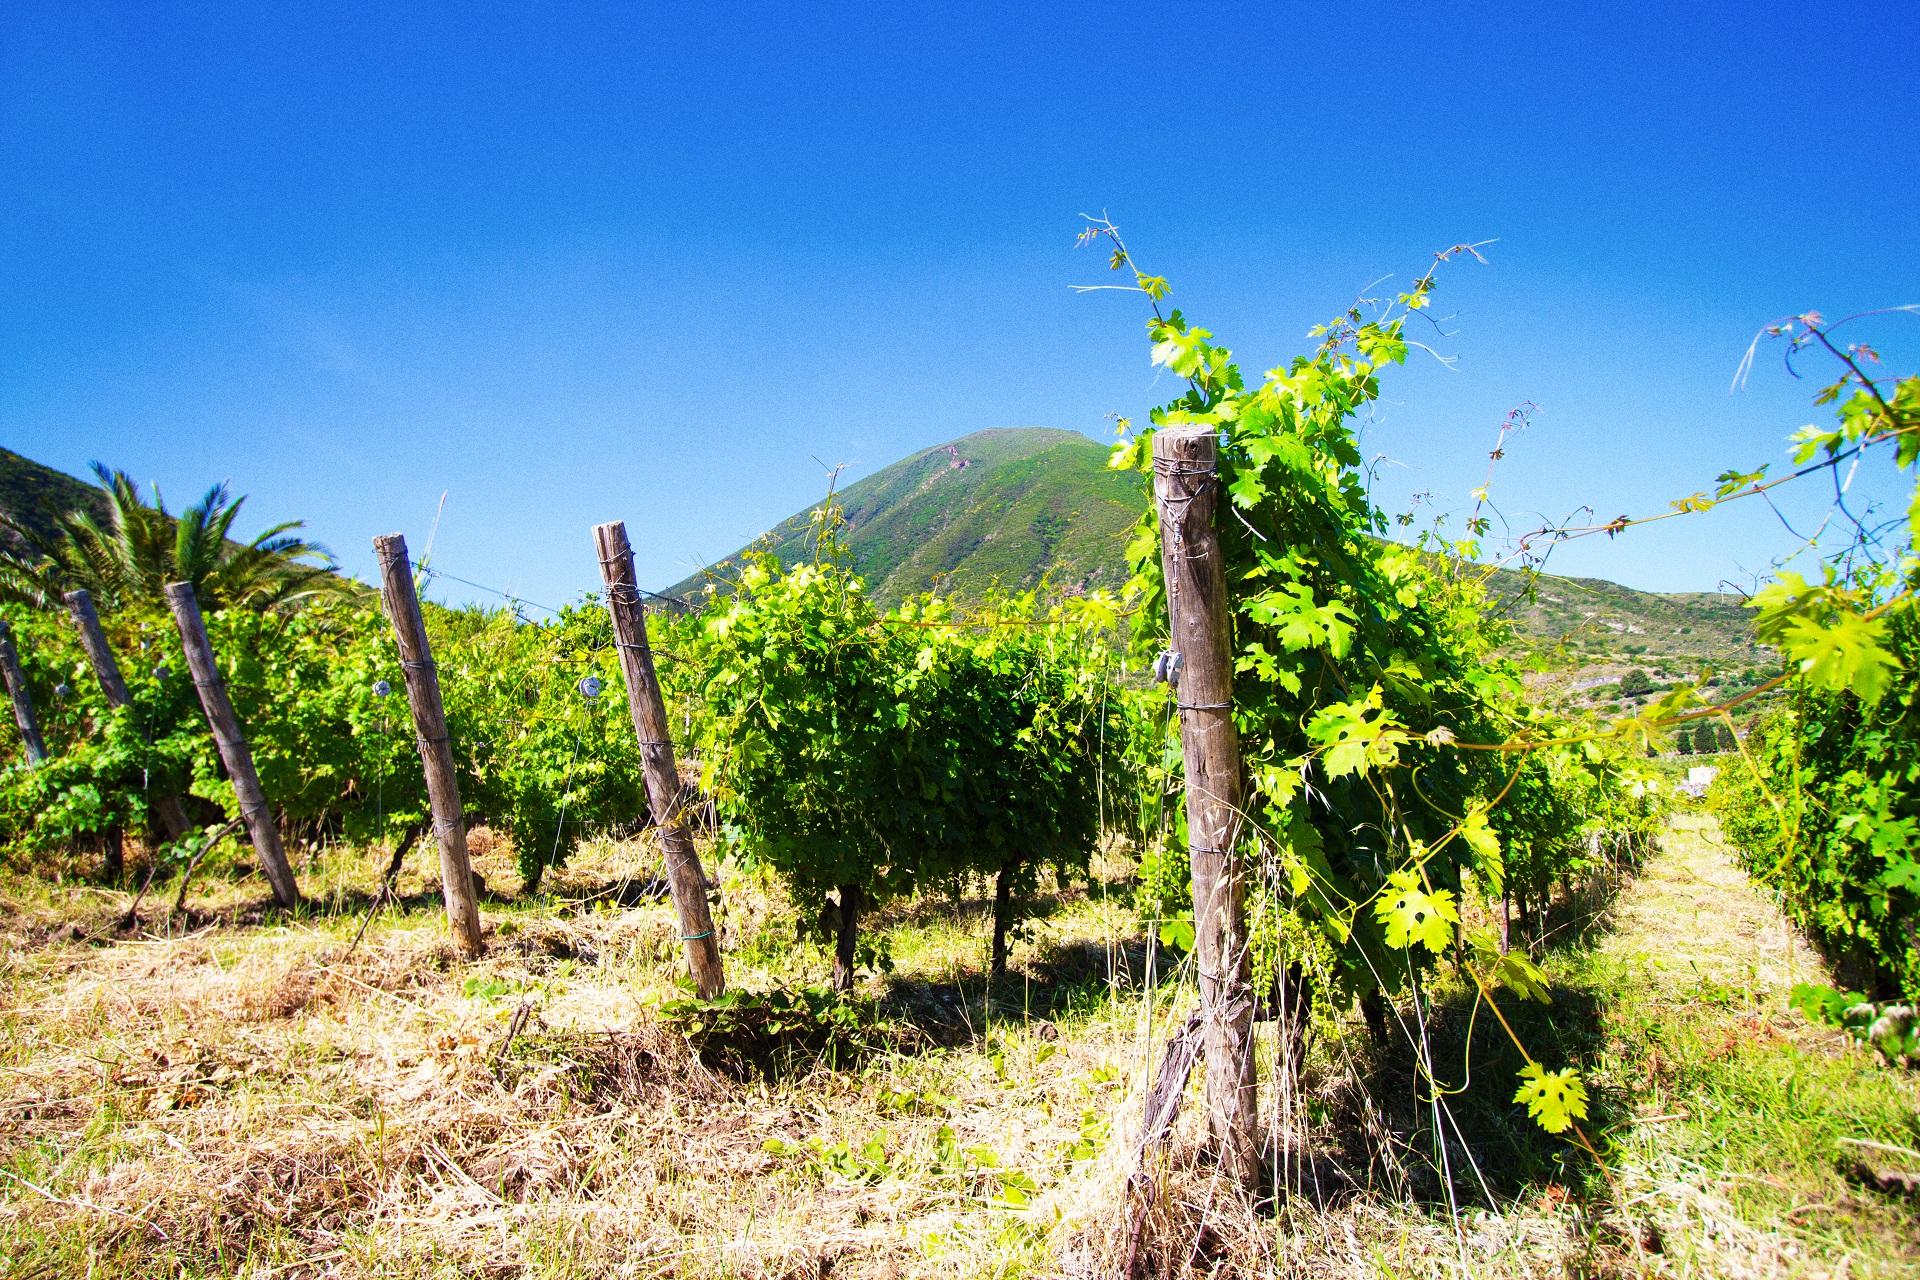 Die Weinfelder auf Salina mit den zwei Bergen im Hintergrund geben ein malerisches Bild ab.